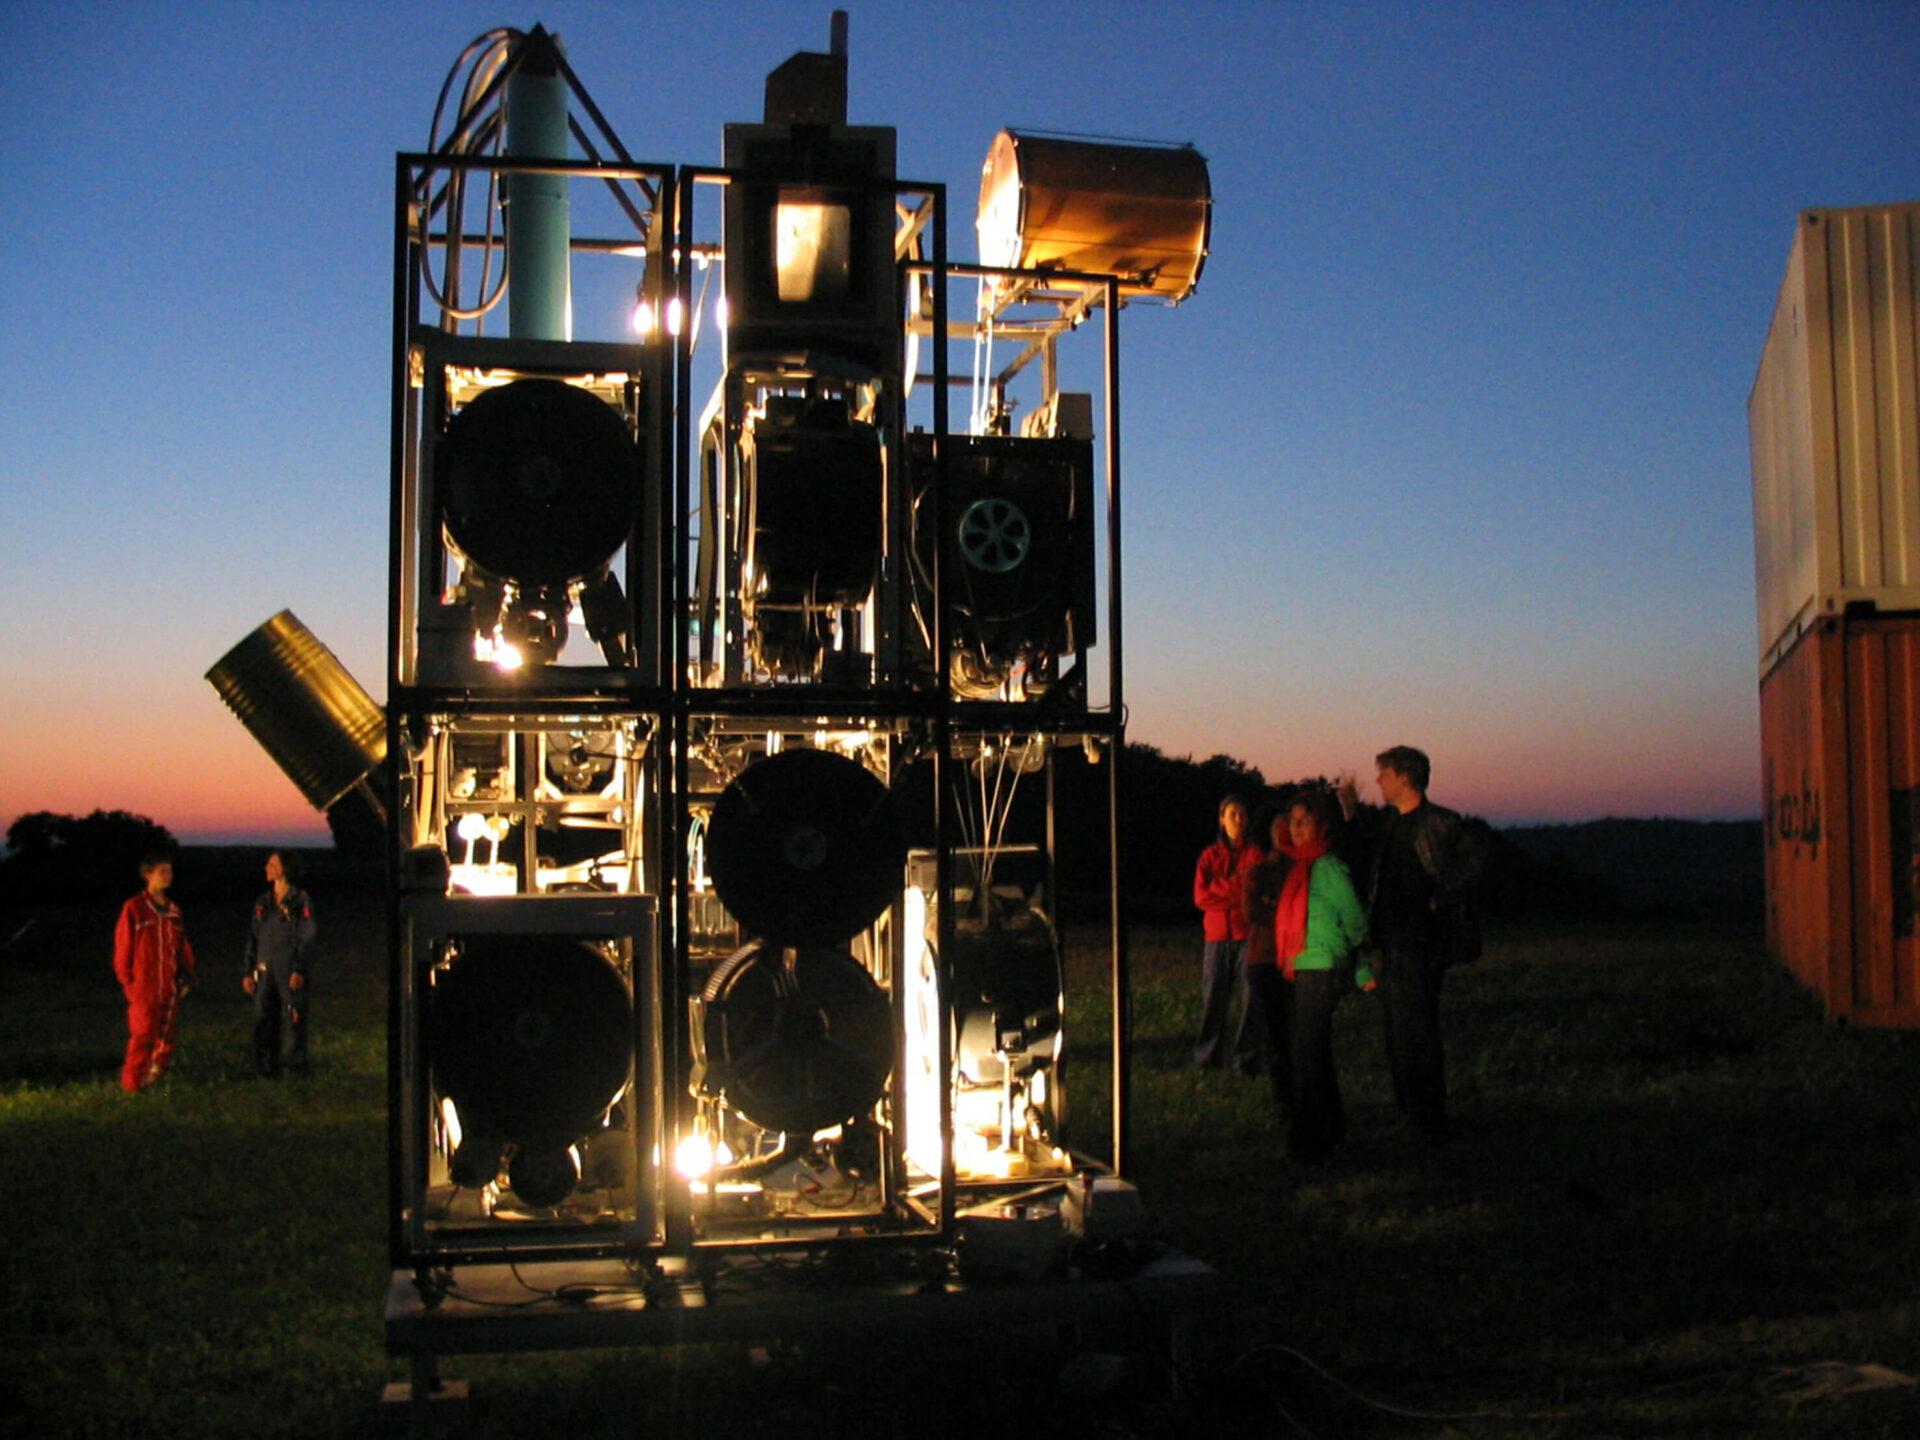 Photographie d'un groupes de structures métalliques contenant des machines entouré par le public, sur une pelouse, soleil couchant